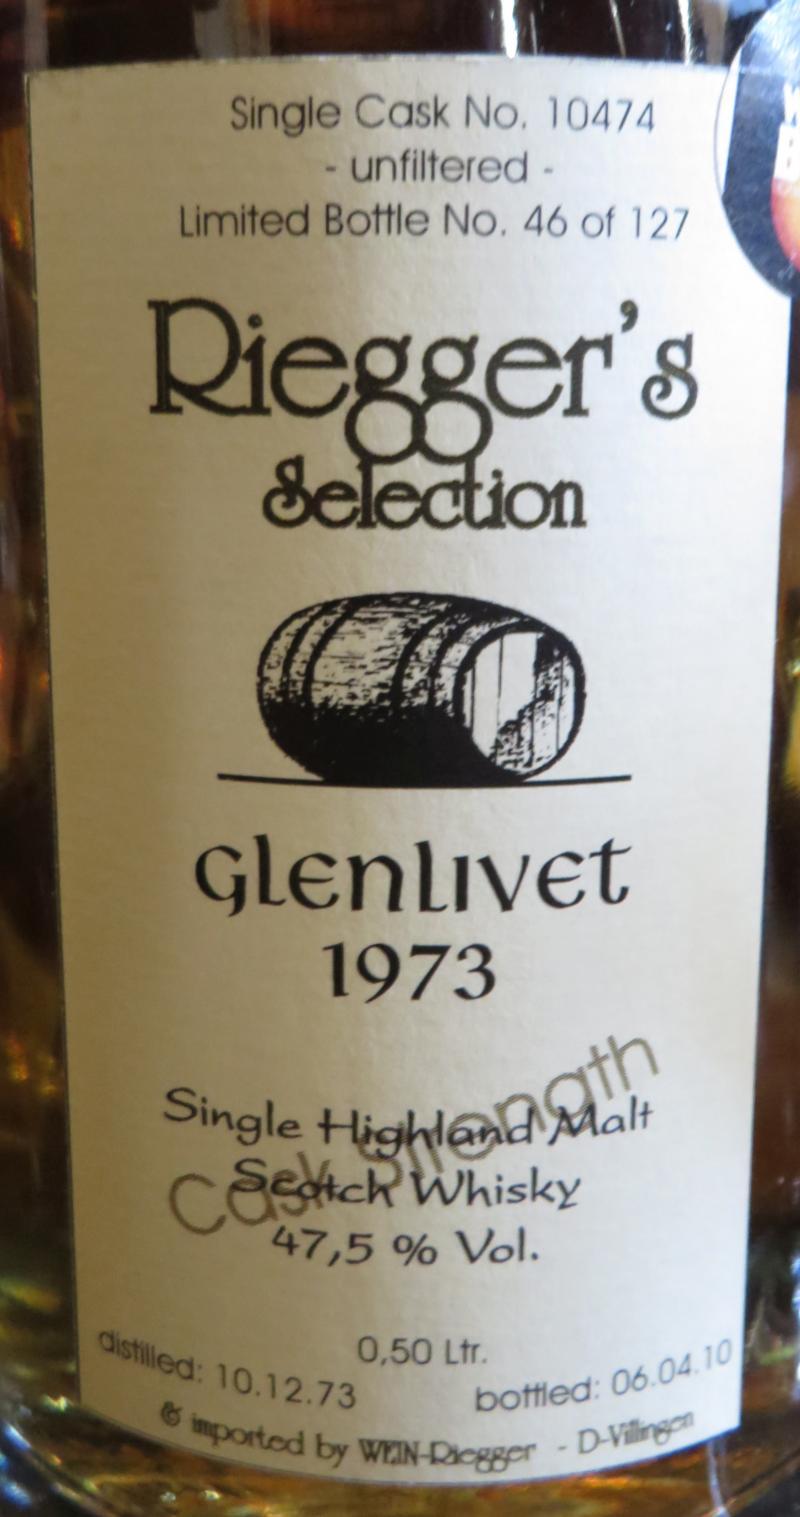 Glenlivet 1973 RS